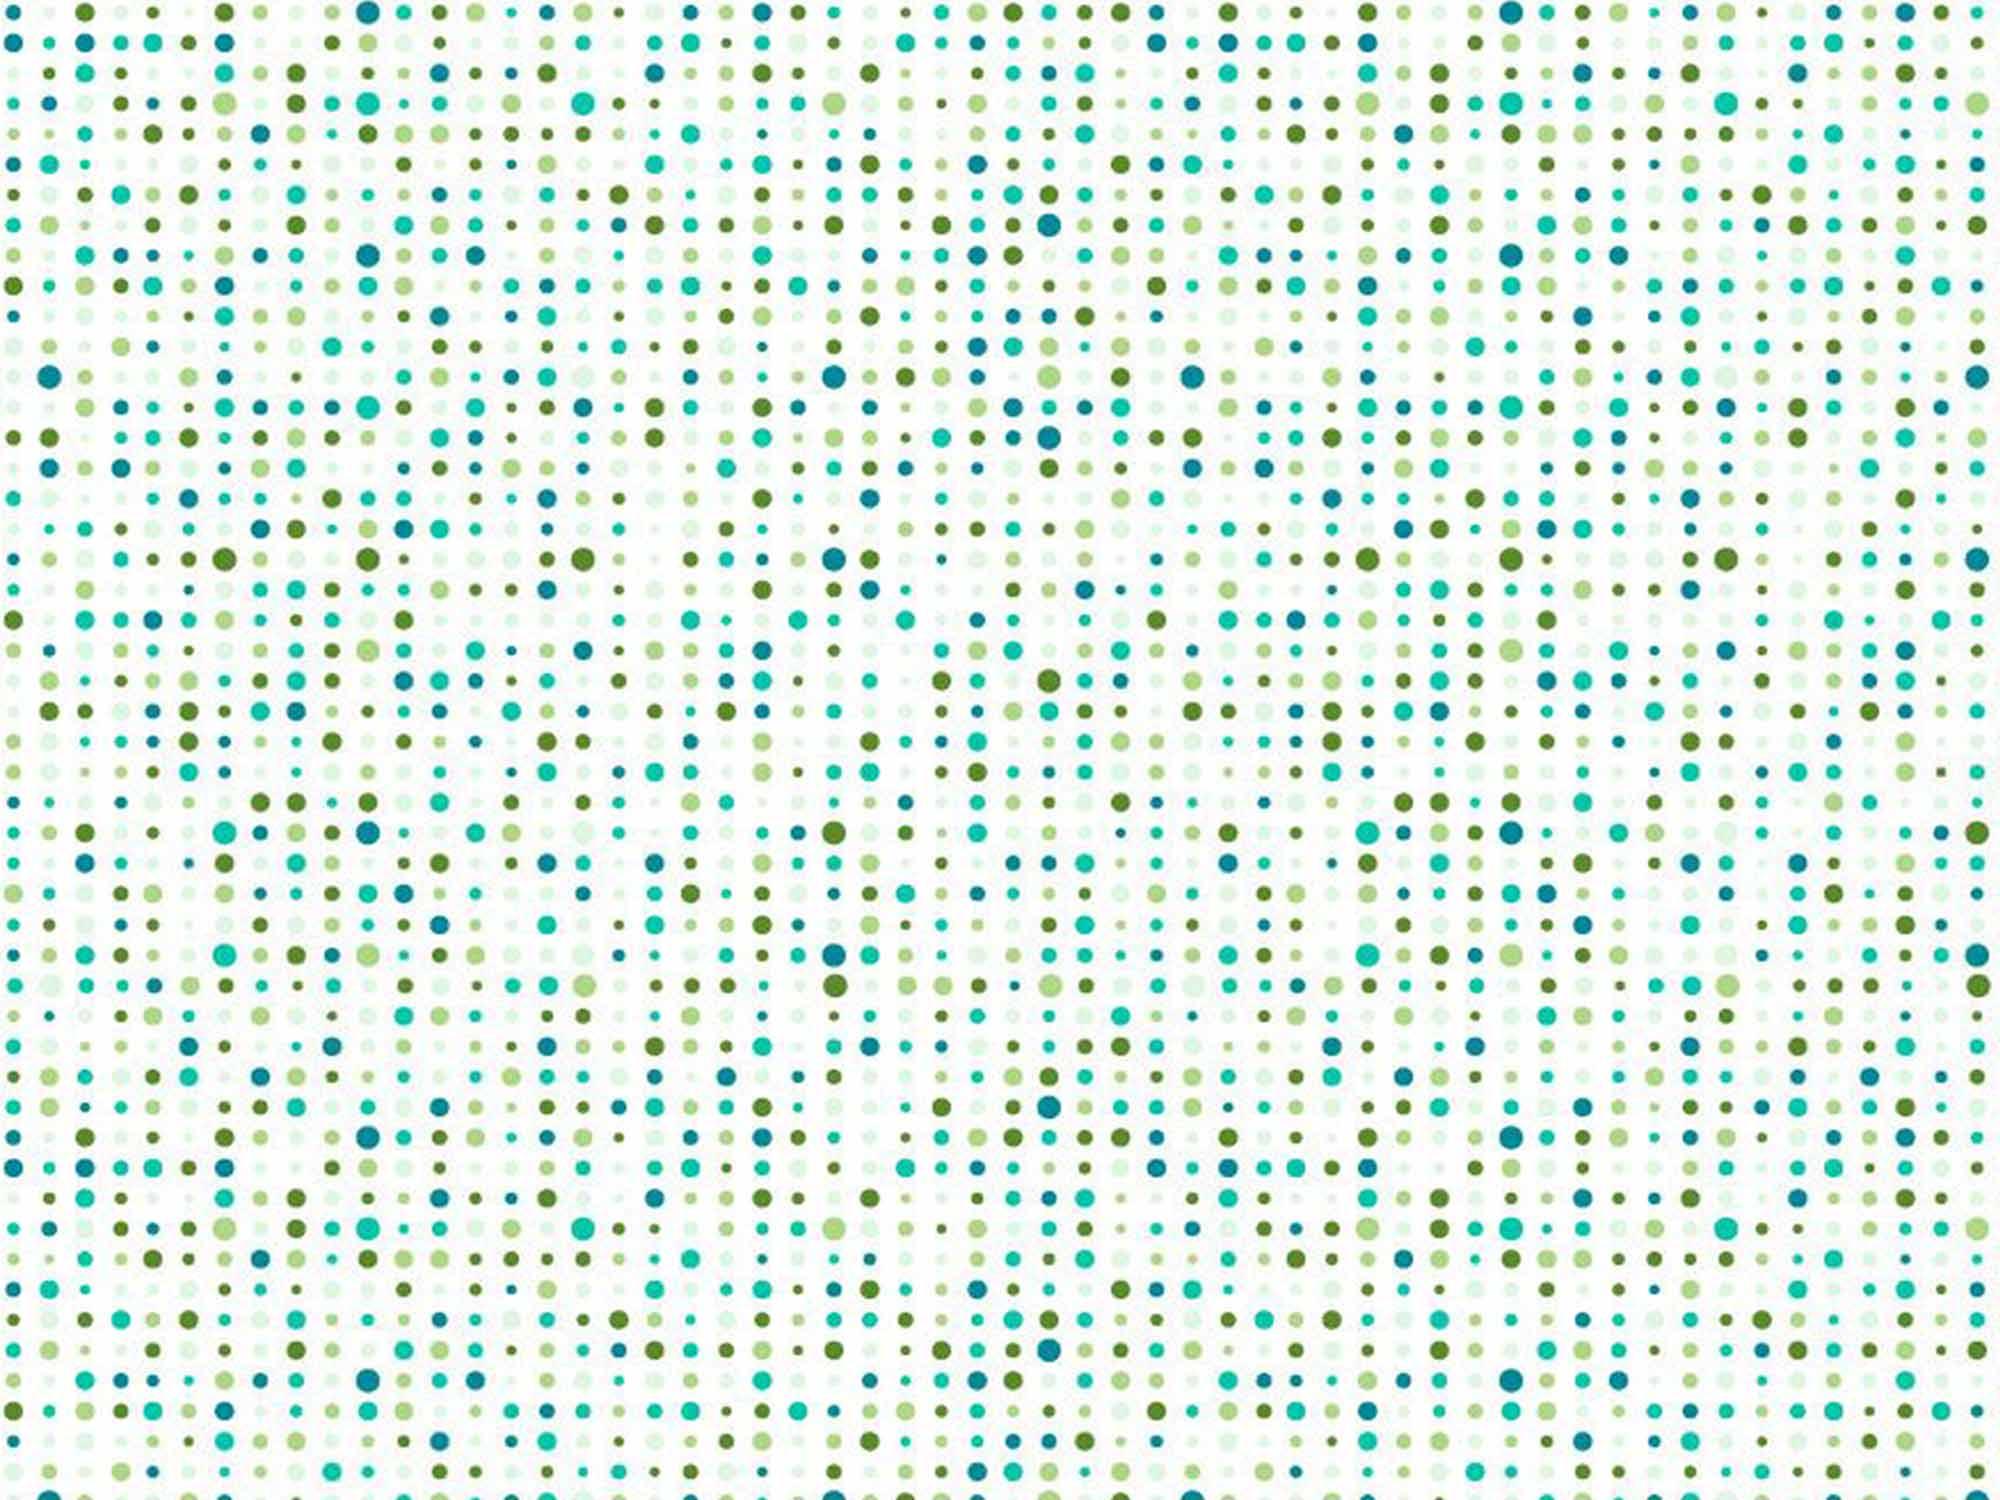 Papel de Parede Bolinhas 0017 - Adesivos de Parede  - Paredes Decoradas